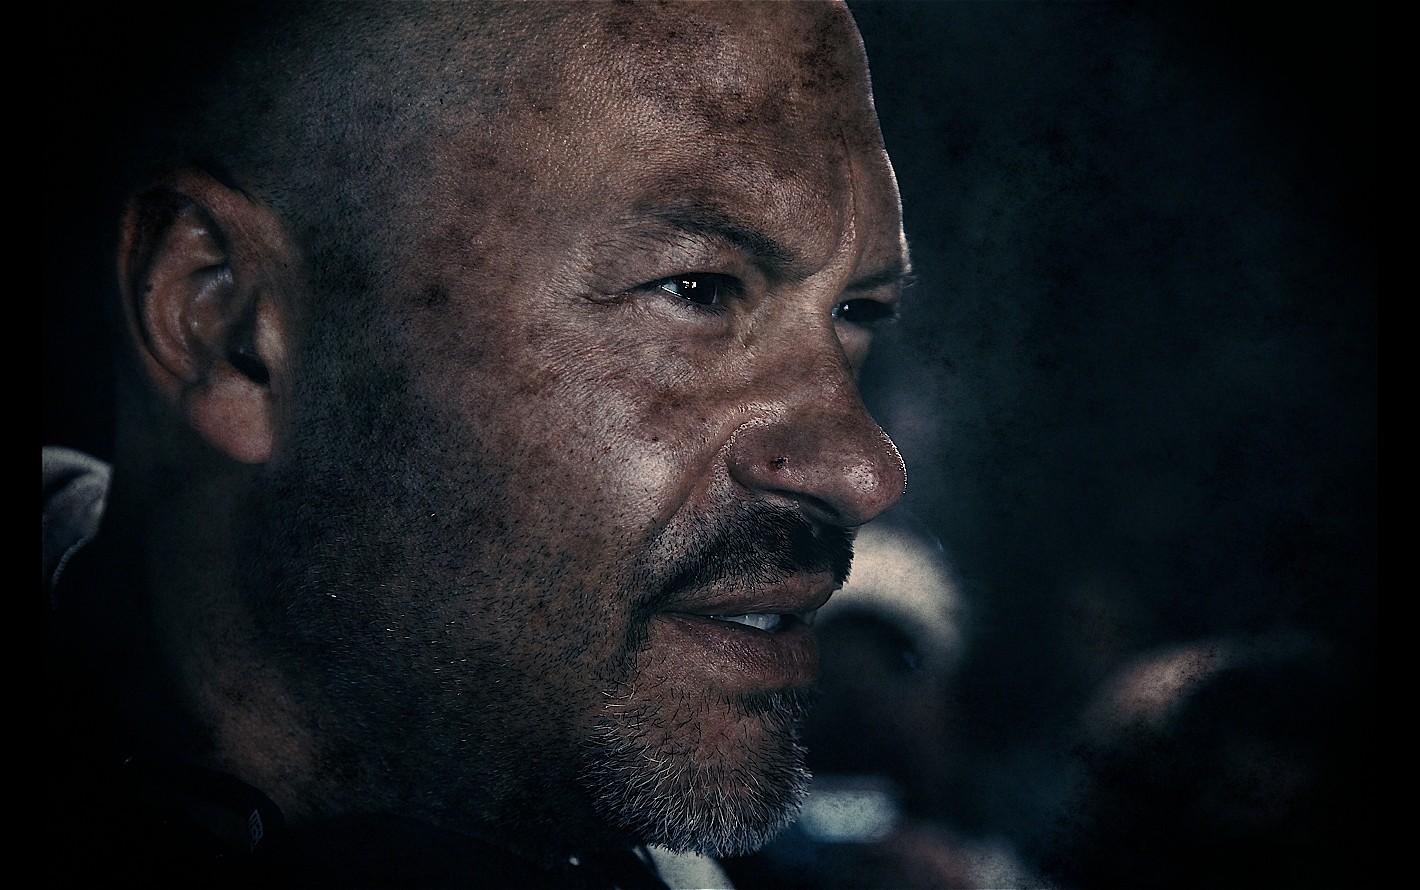 Фильм «Притяжение» затри дня проката собрал практически 270 млн руб.